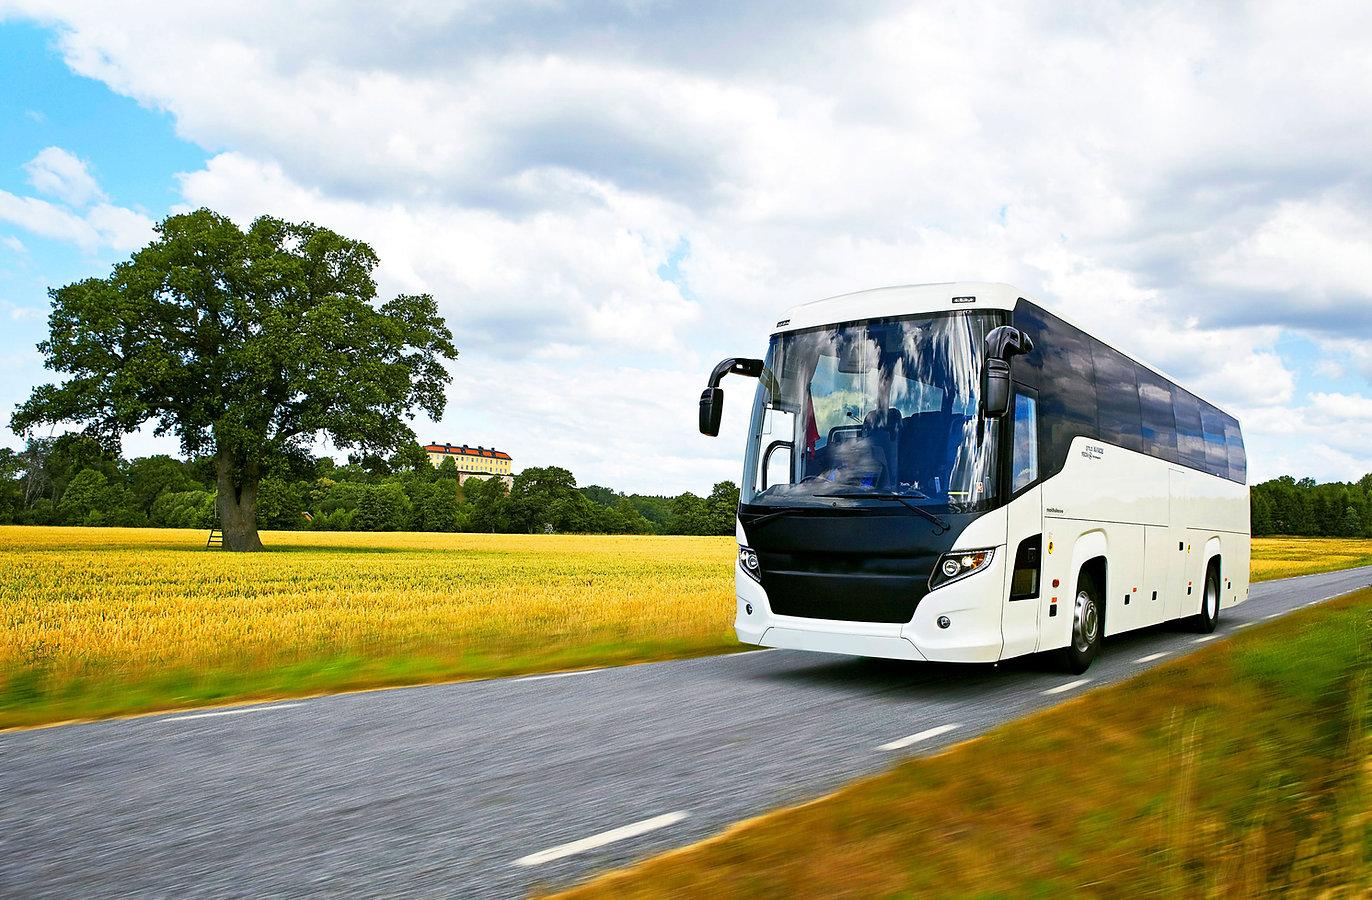 reids coach hire in birmingham, aston manor coaches, aziz coaches